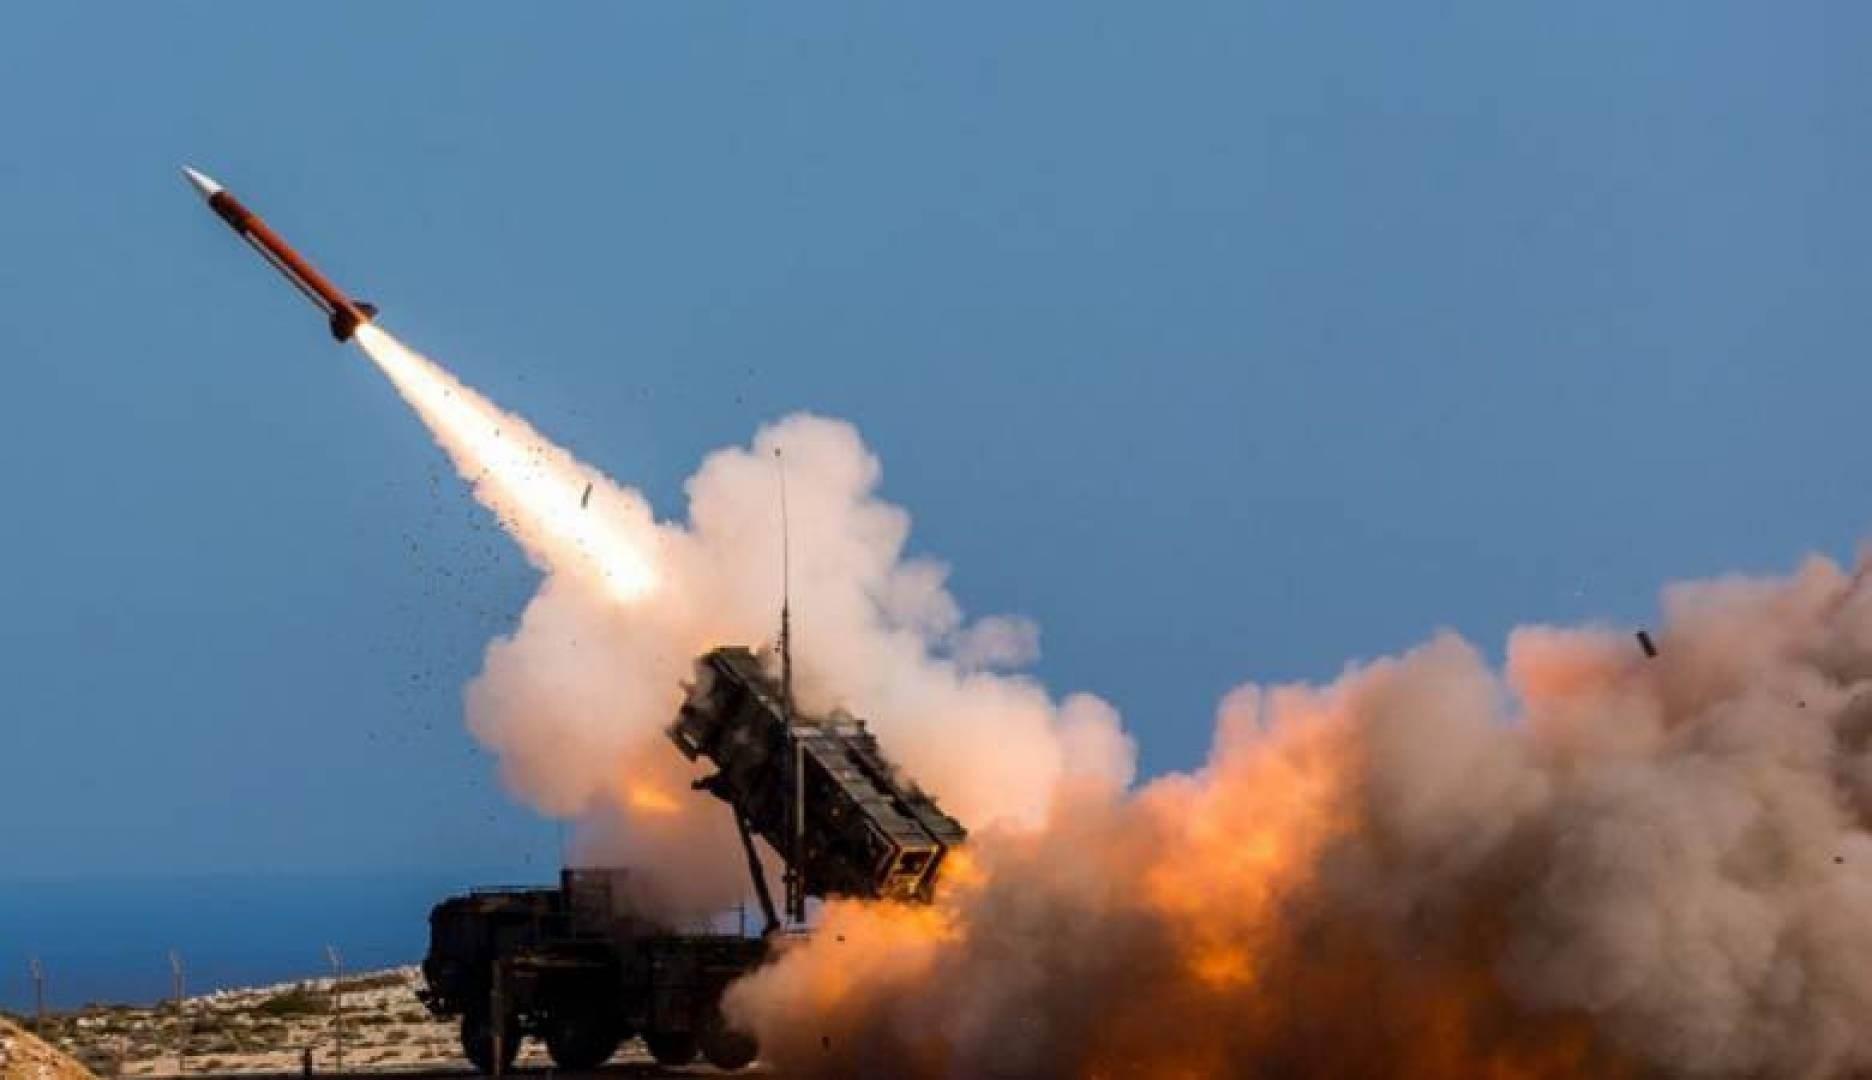 استهداف مواقع في العمق السعودي بصواريخ يمنية (صورة أرشيفية).